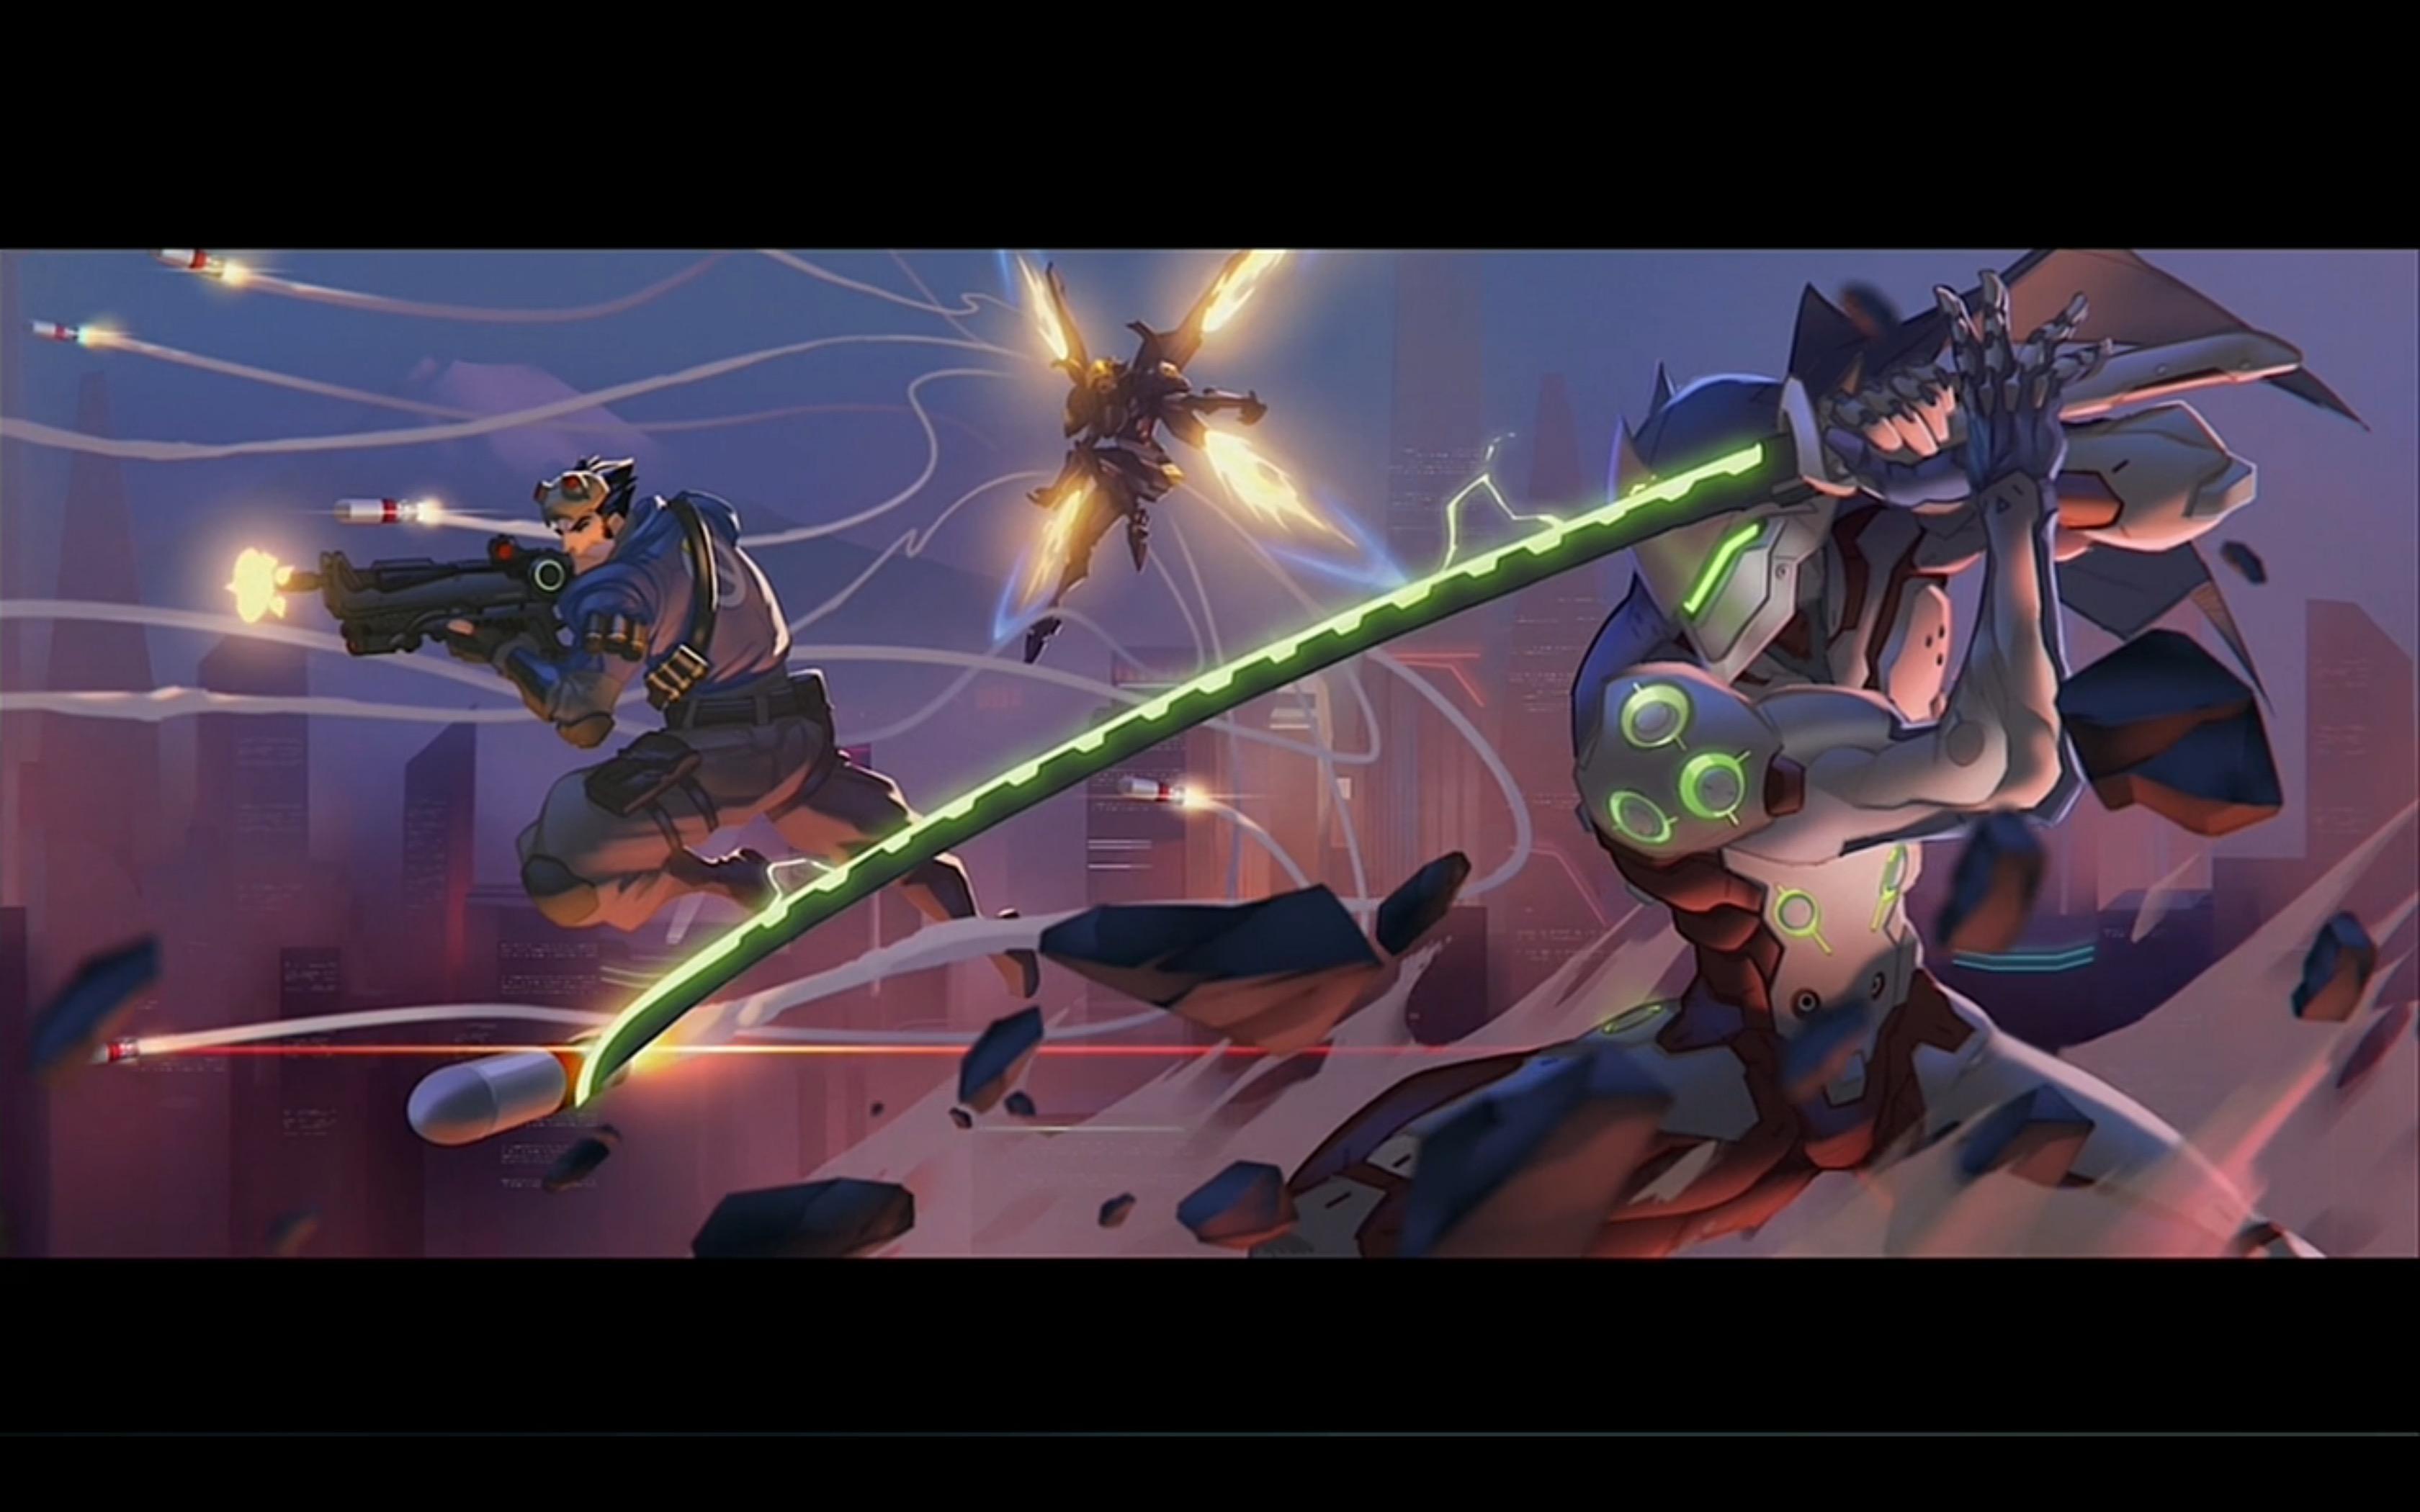 Overwatch First Trailer 7 3360x2100